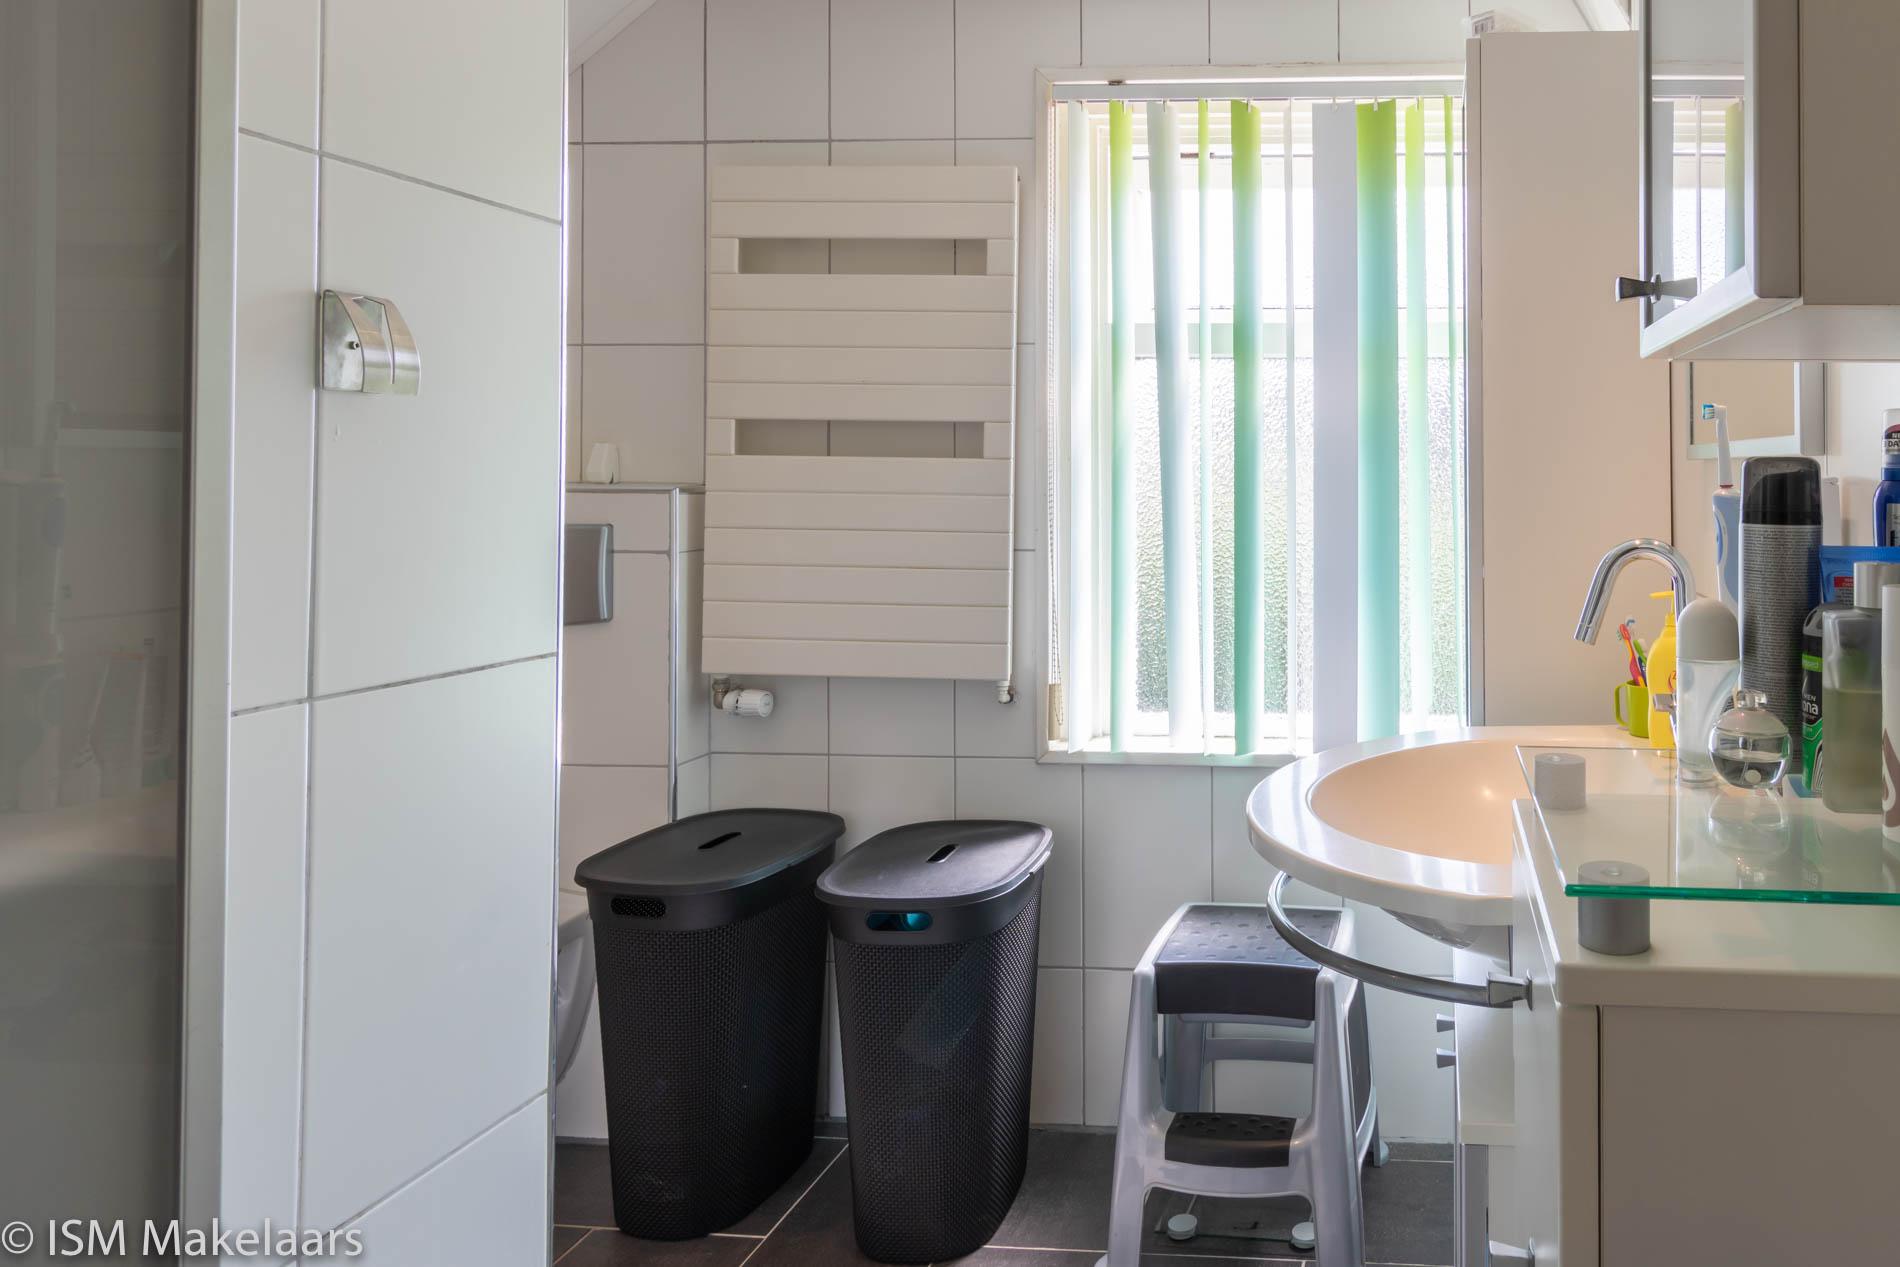 badkamer noordsingel 16 borssele ism makelaars